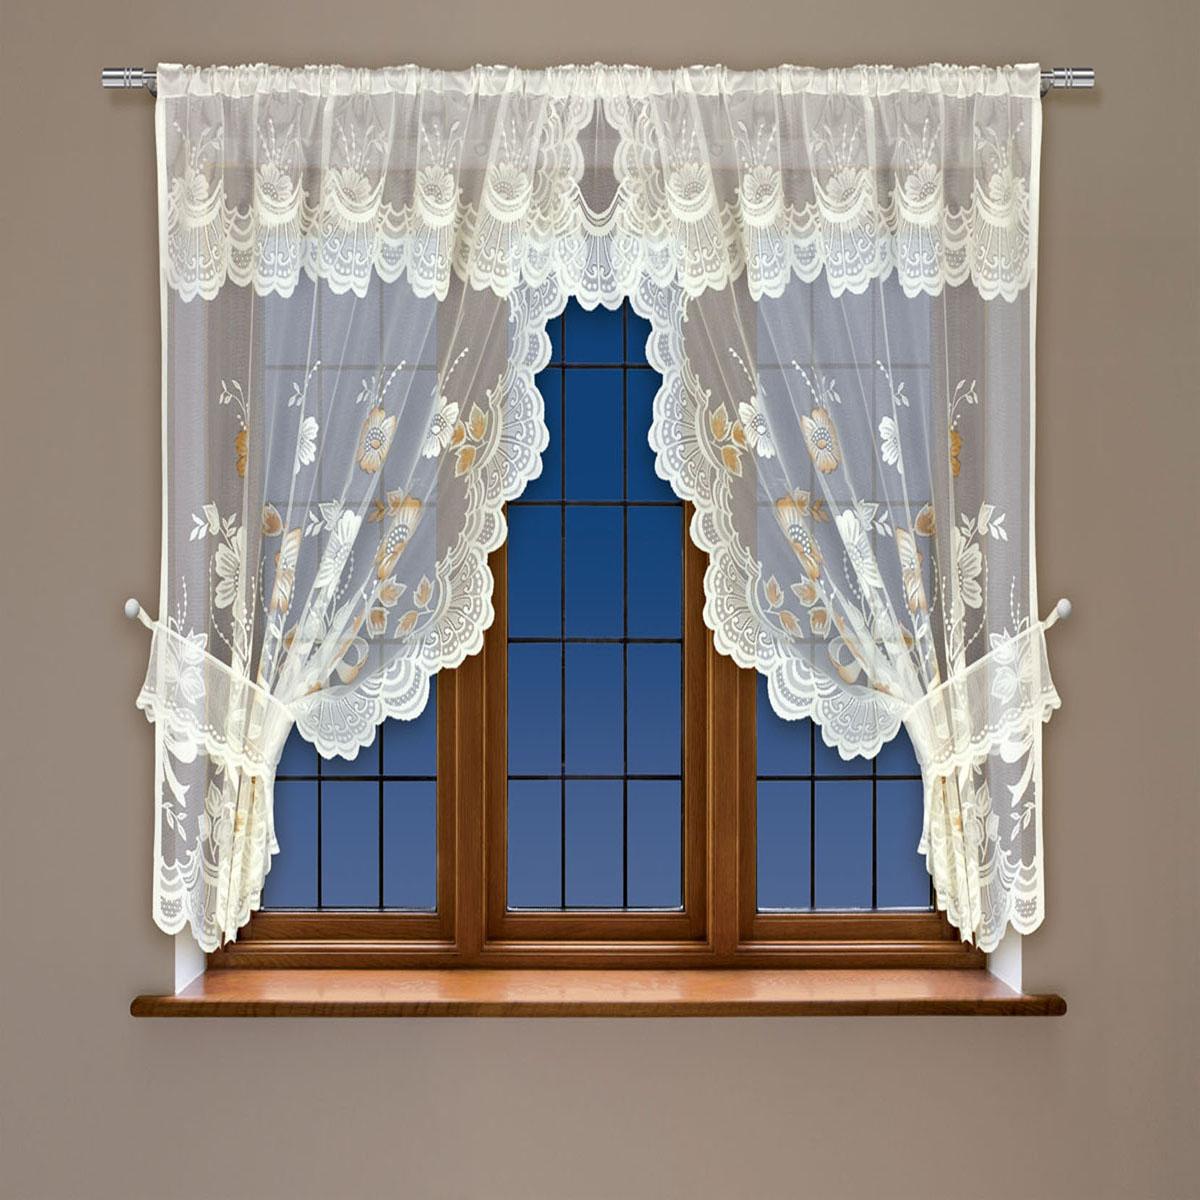 Гардина Haft, на кулиске, цвет: кремовый, высота 115 см. 202561202561/115 кремВоздушная гардина Haft, выполненная из полиэстера, великолепно украсит любое окно.Изделие имеет оригинальный дизайн и органично впишется в интерьер помещения.Гардина крепится на карниз при помощи кулиски.